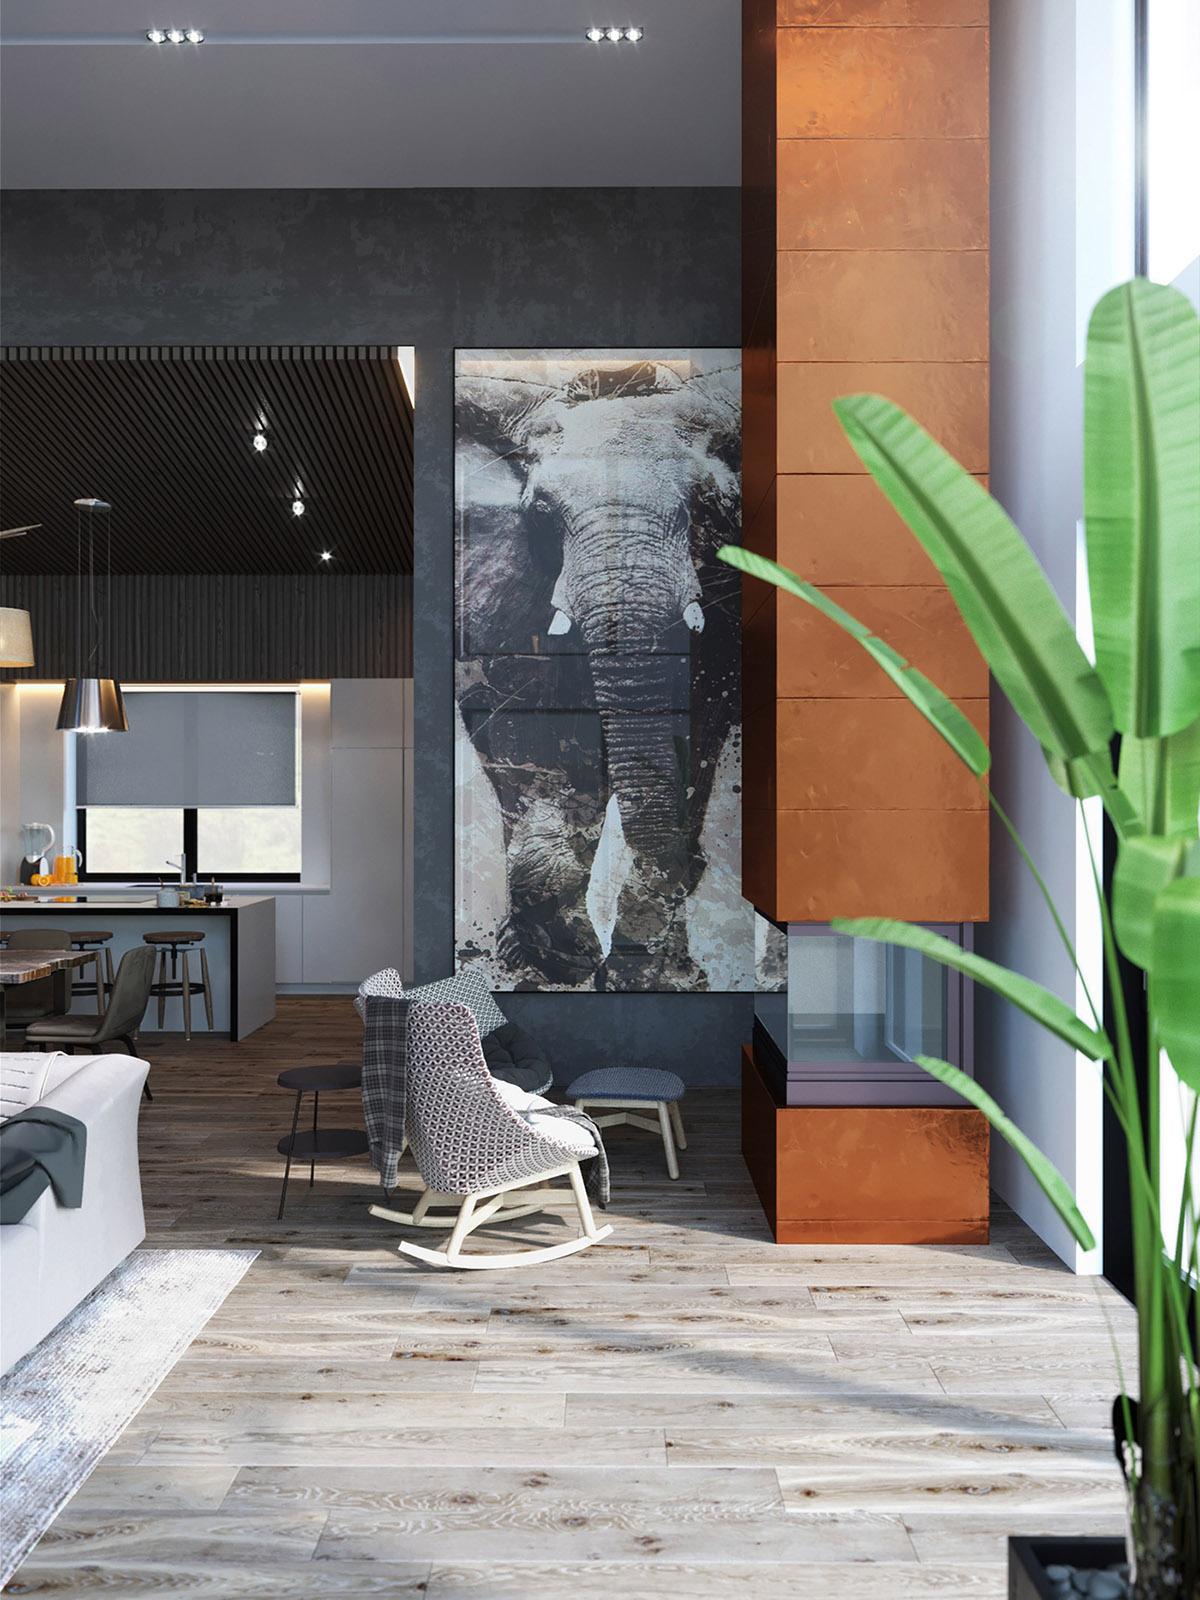 50 оттенков серого: Фотообзор изысканного интерьера